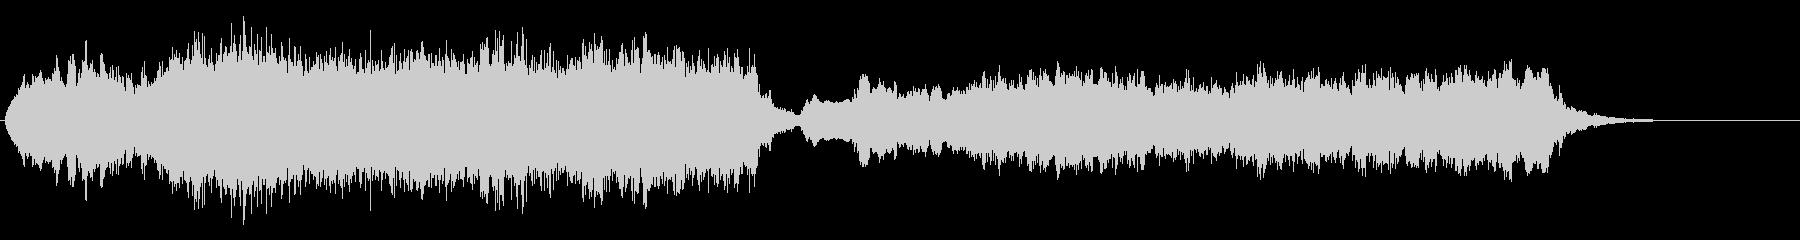 悲しい時によく使われるクラシックの未再生の波形